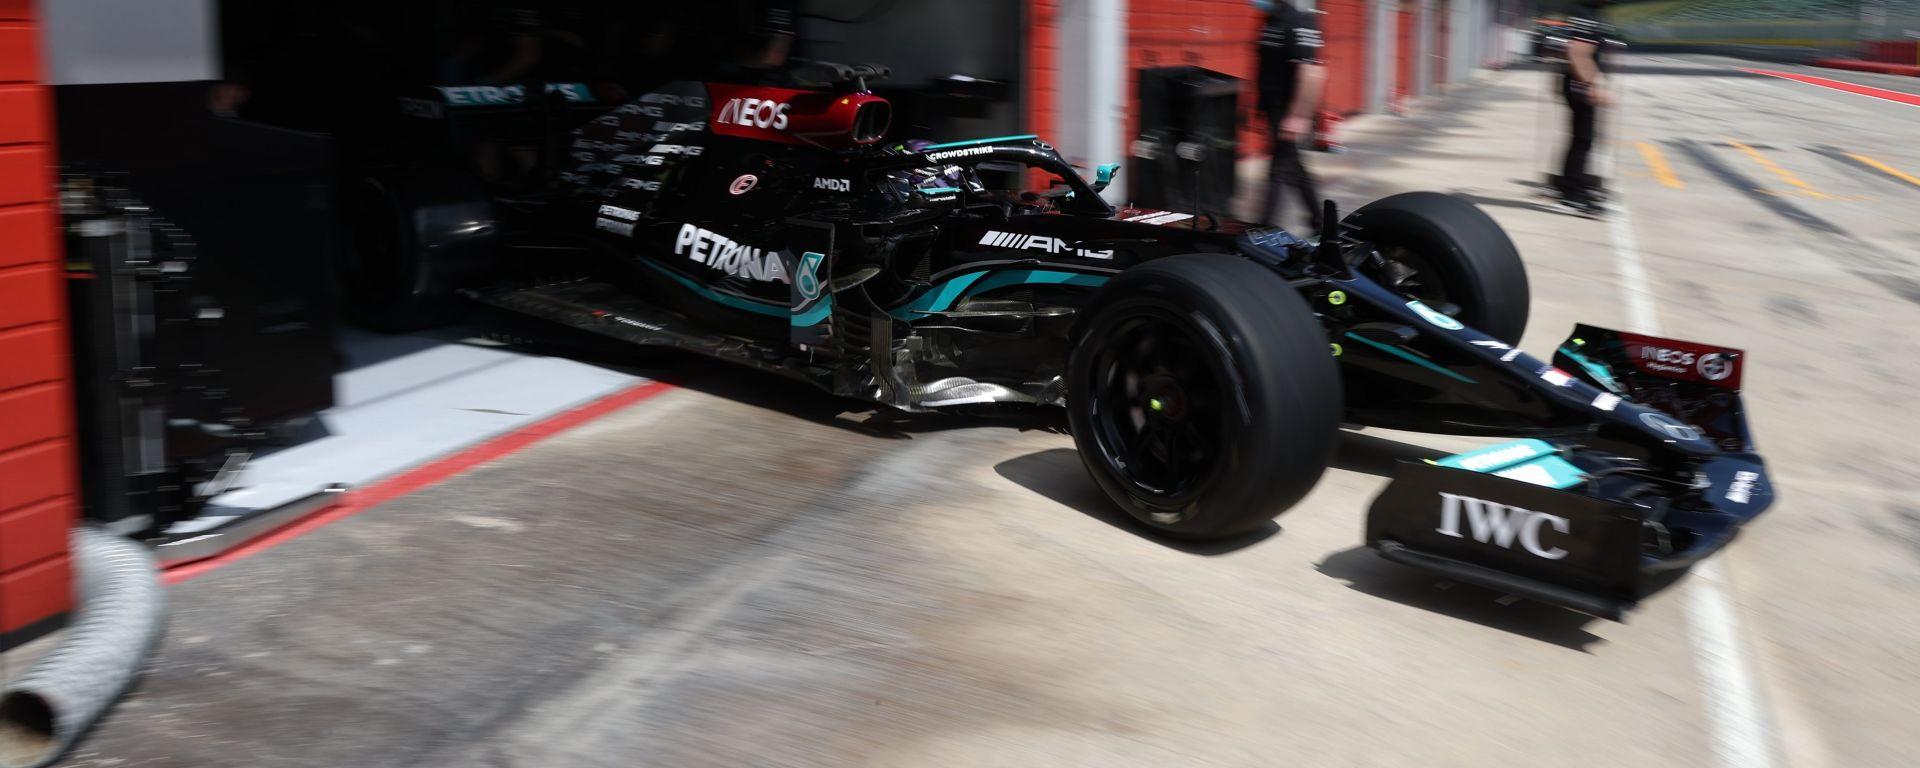 """Mercedes in pista a Imola per il test con gomme Pirelli da 18"""""""